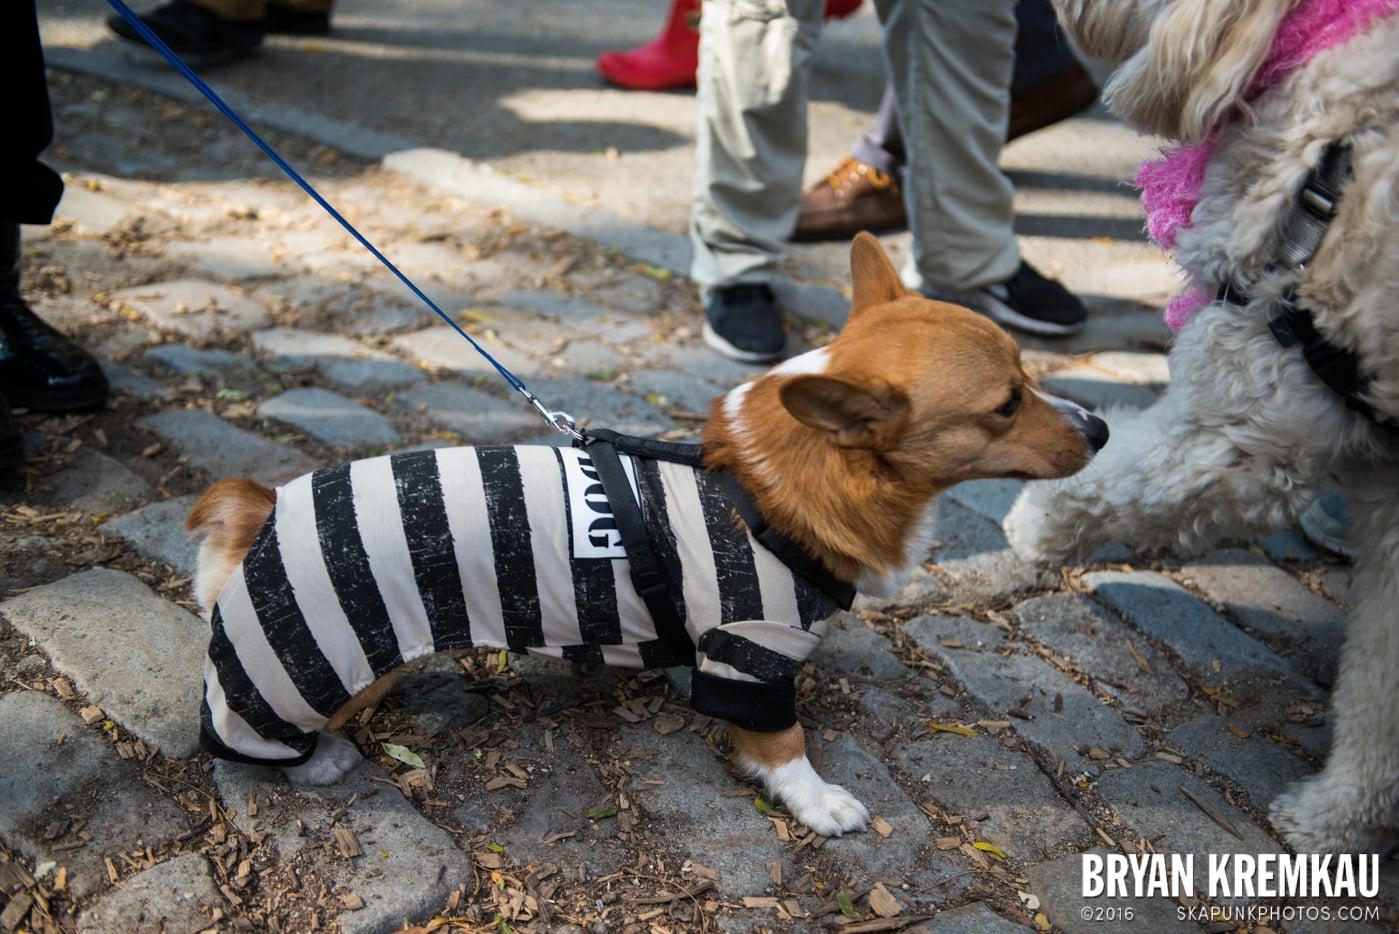 Tompkins Square Halloween Dog Parade 2013 @ Tompkins Square Park, NYC - 10.26.13 (33)